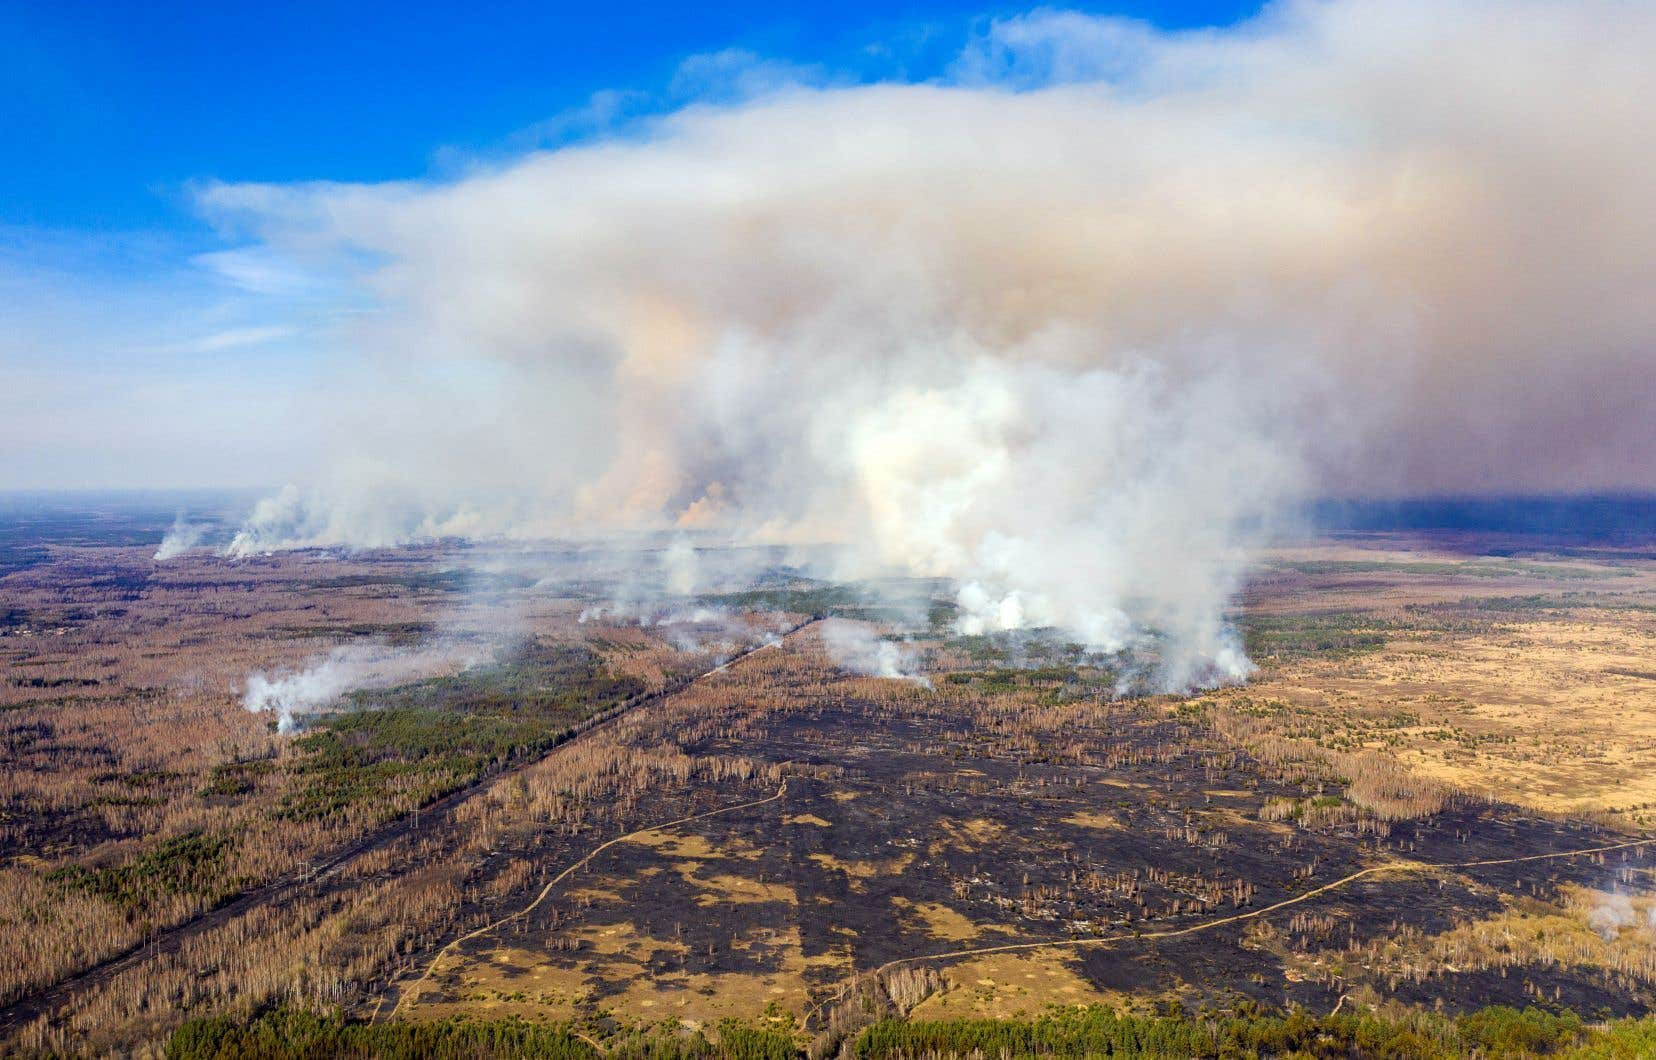 <p>Entretenu par le vent et une sécheresse inhabituelle, l'incendie s'est déclaré il y a une dizaine de jours dans ce territoire fortement contaminé, théâtre du pire accident nucléaire de l'Histoire en 1986.</p>